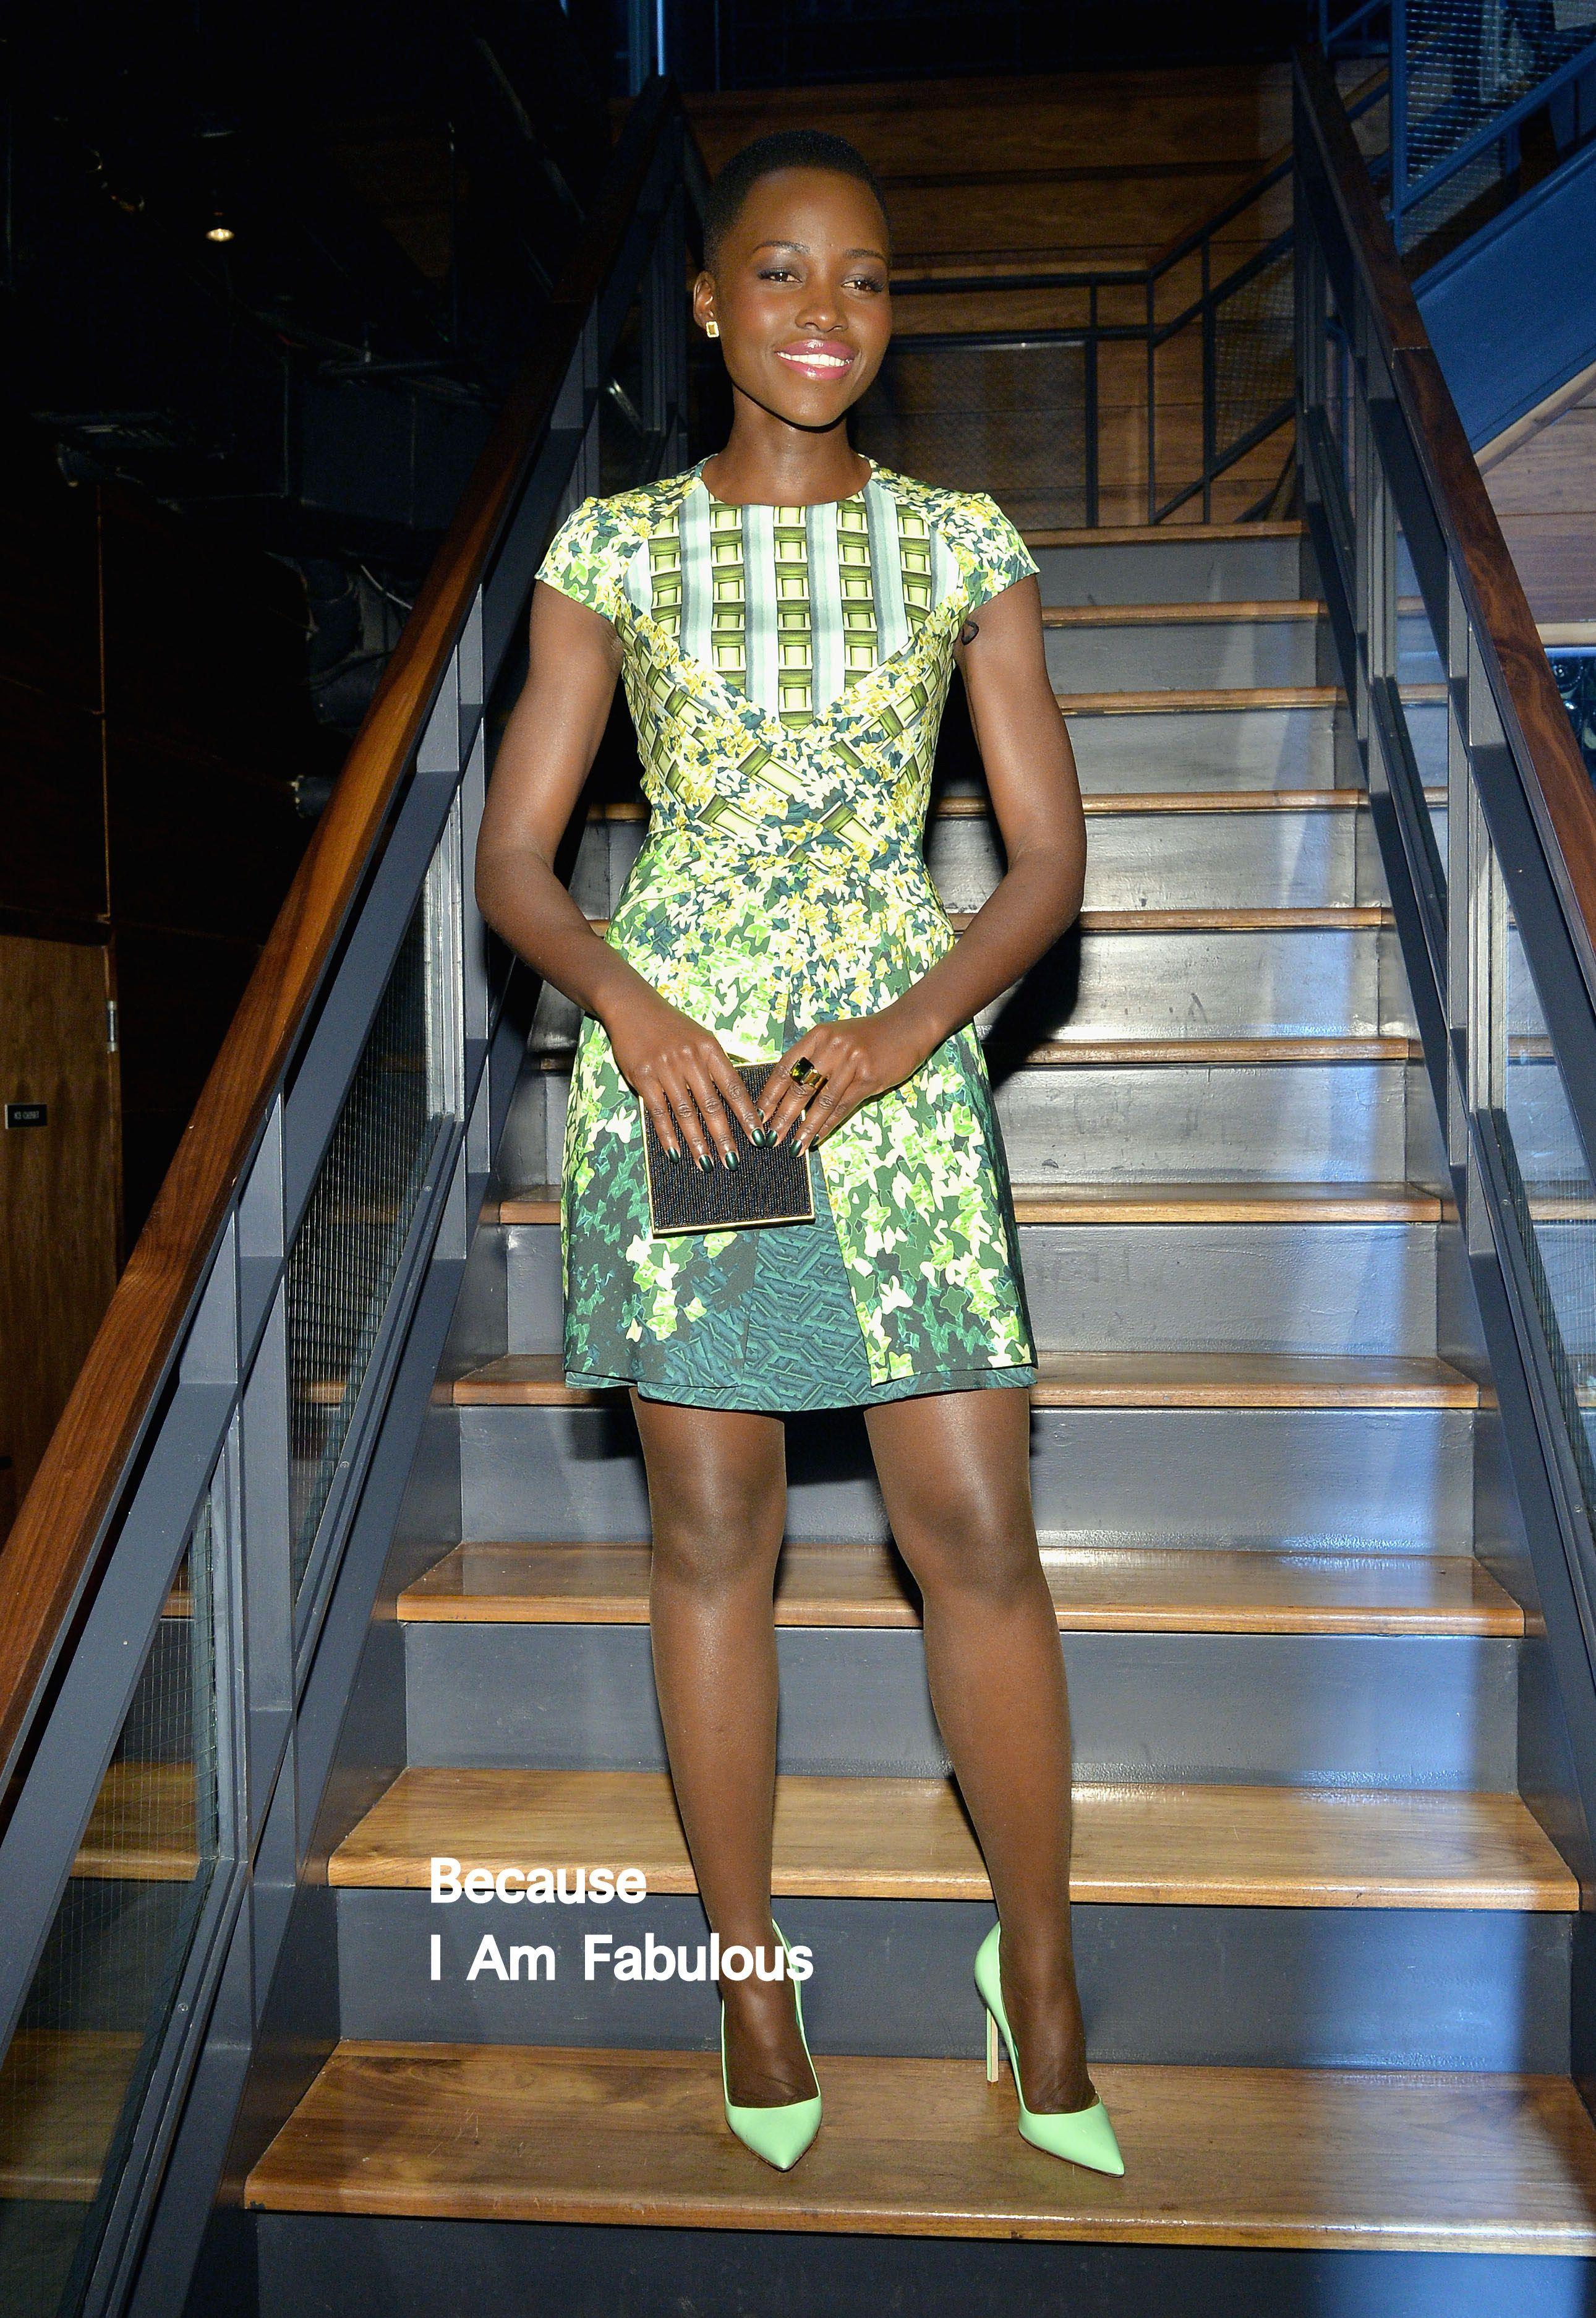 Fabulously Spotted: Lupita Nyong'o Wearing Peter Pilotto - DuJour Magazine's Lupita Nyong'o Cover - http://www.becauseiamfabulous.com/2014/02/lupita-nyongo-wearing-peter-pilotto-dujour-magazines-lupita-nyongo-cover/